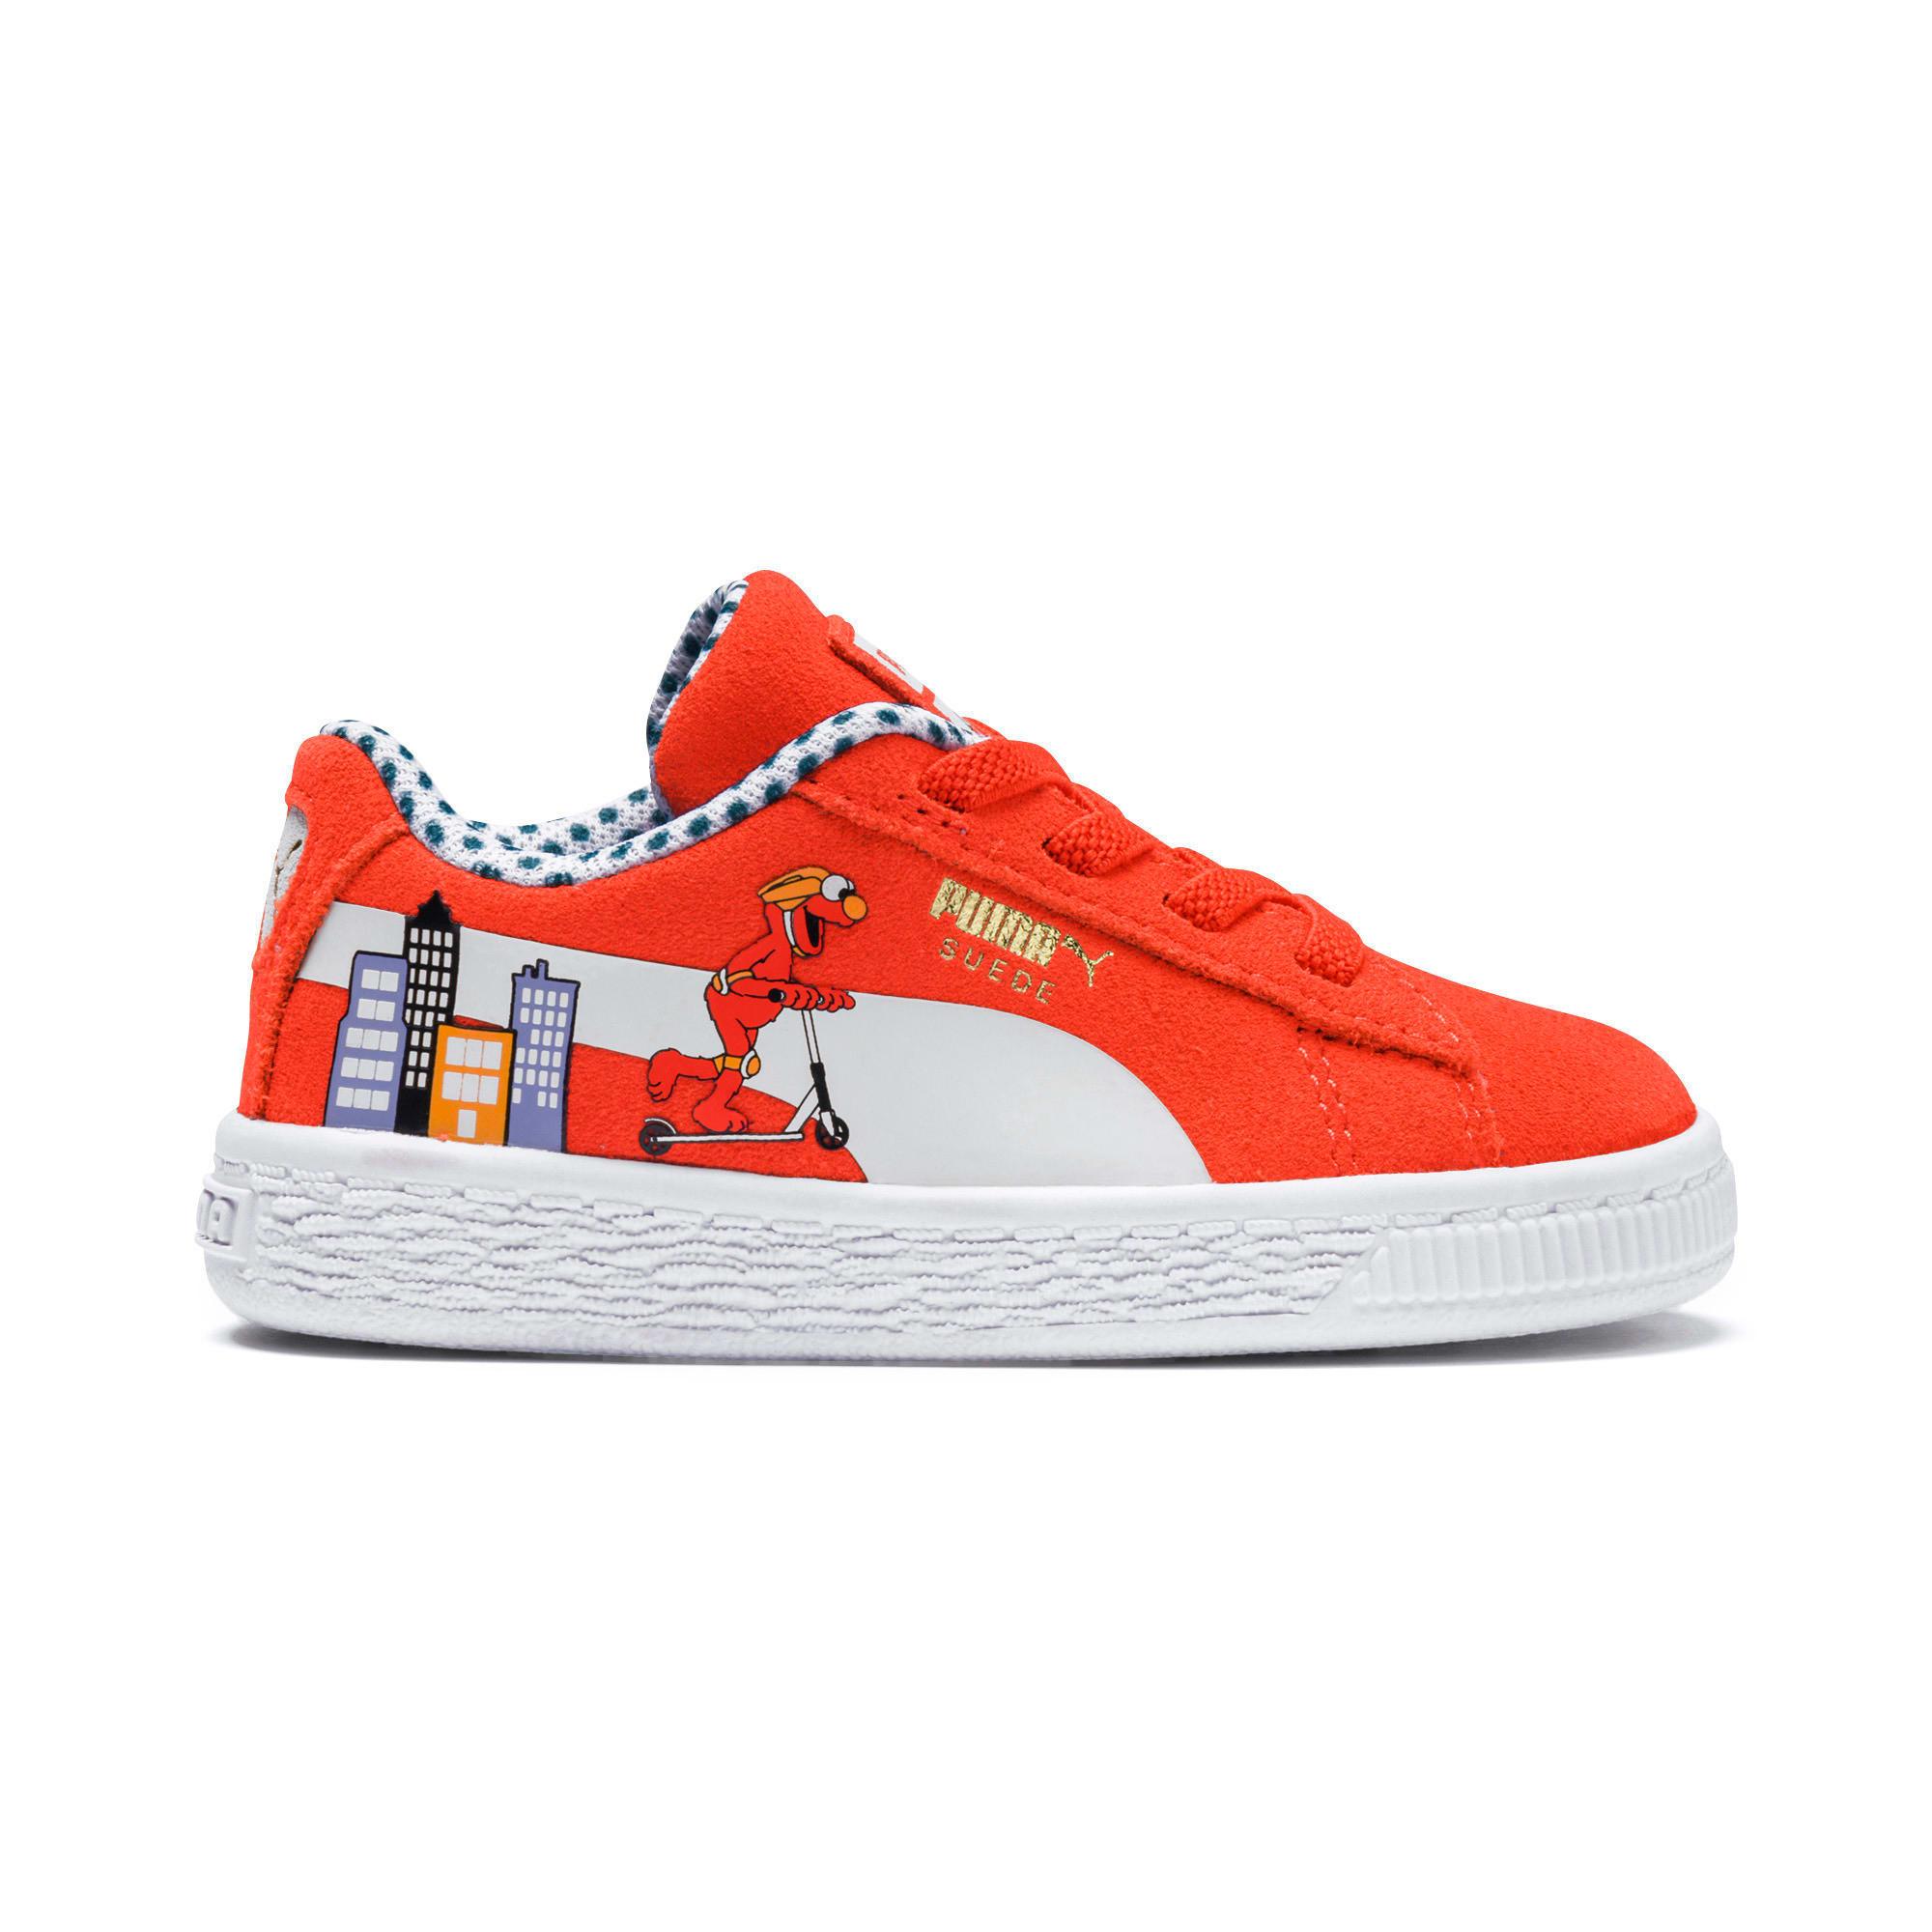 Thumbnail 7 of Sesame Street 50 Suede Toddler Shoes, Cherry Tomato-Puma White, medium